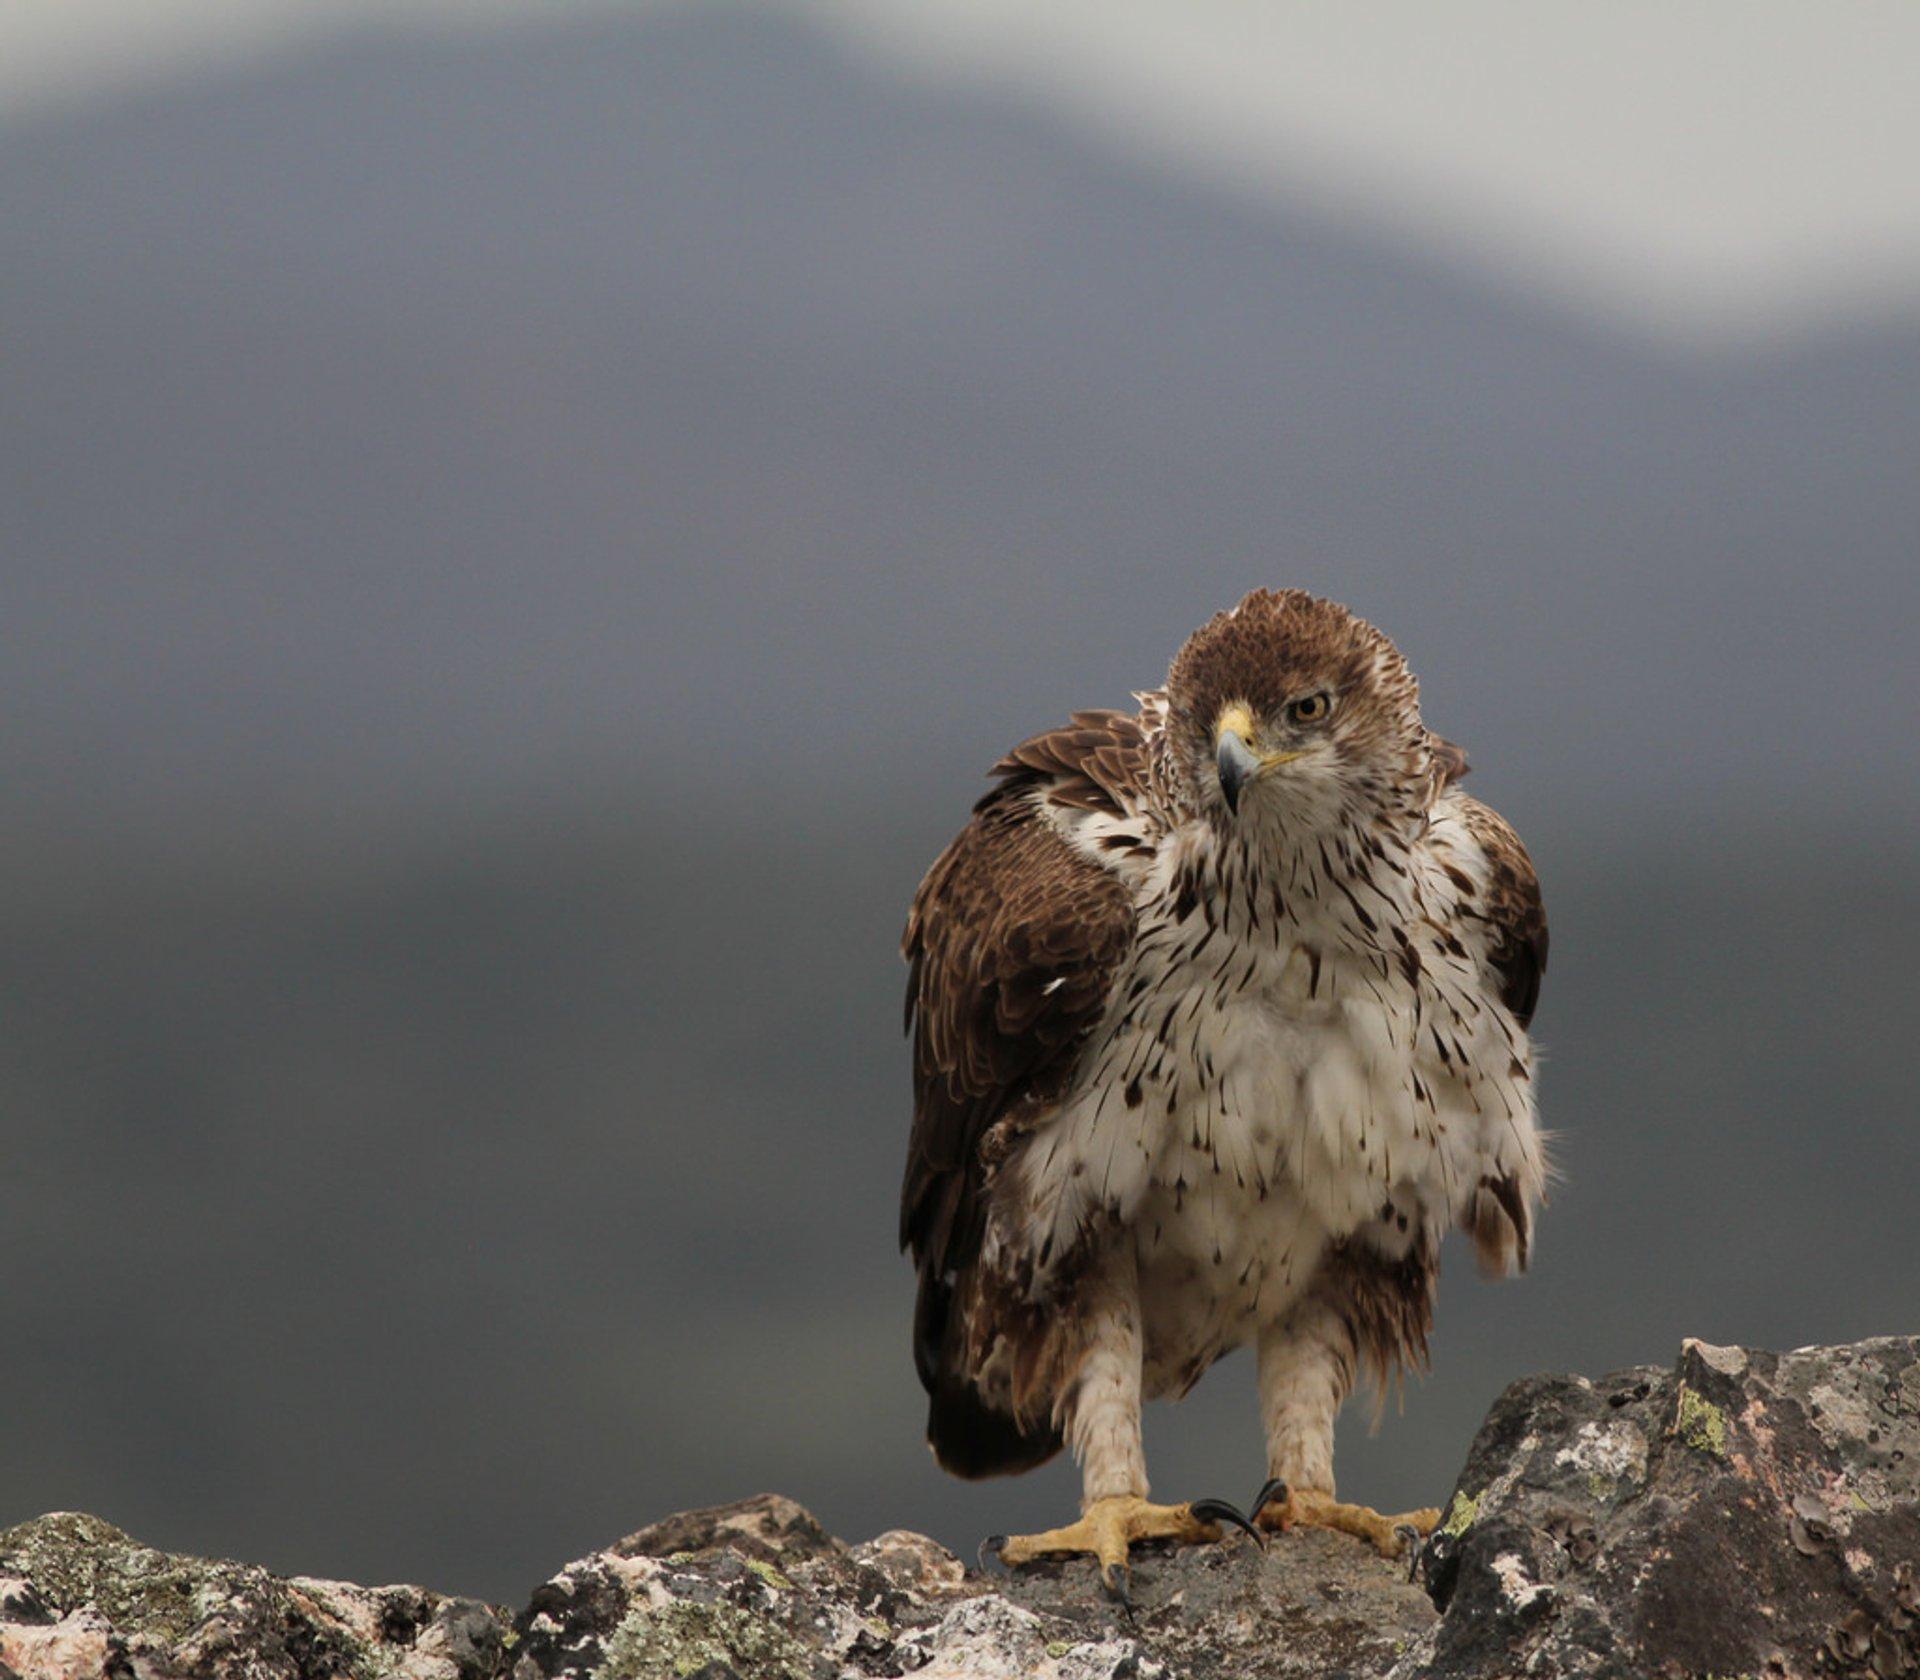 Bonelli's Eagle in Sierra de San Pedro, Extremadura